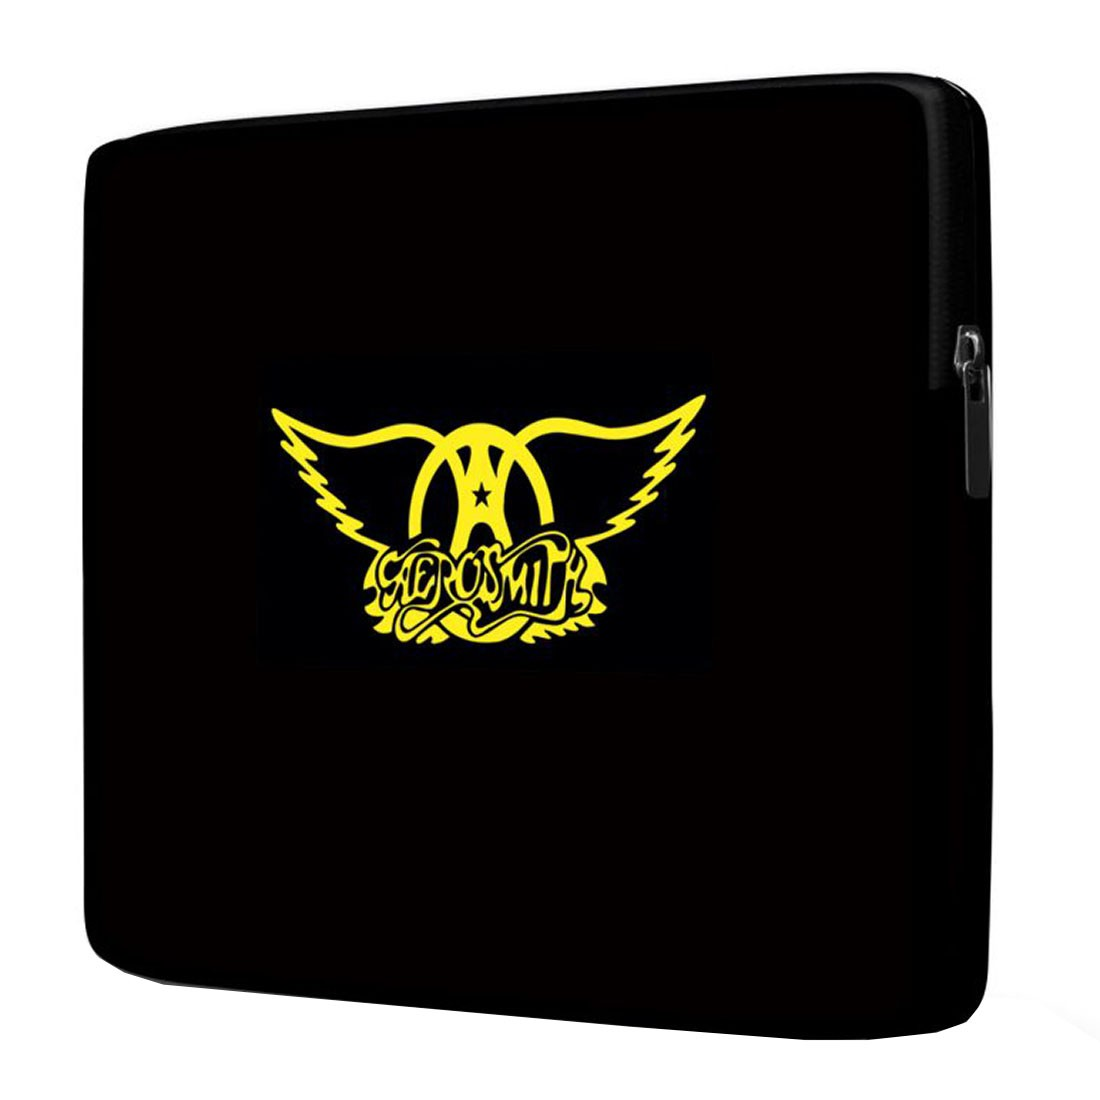 Capa para Notebook Aerosmith 15.6 À 17 Polegadas